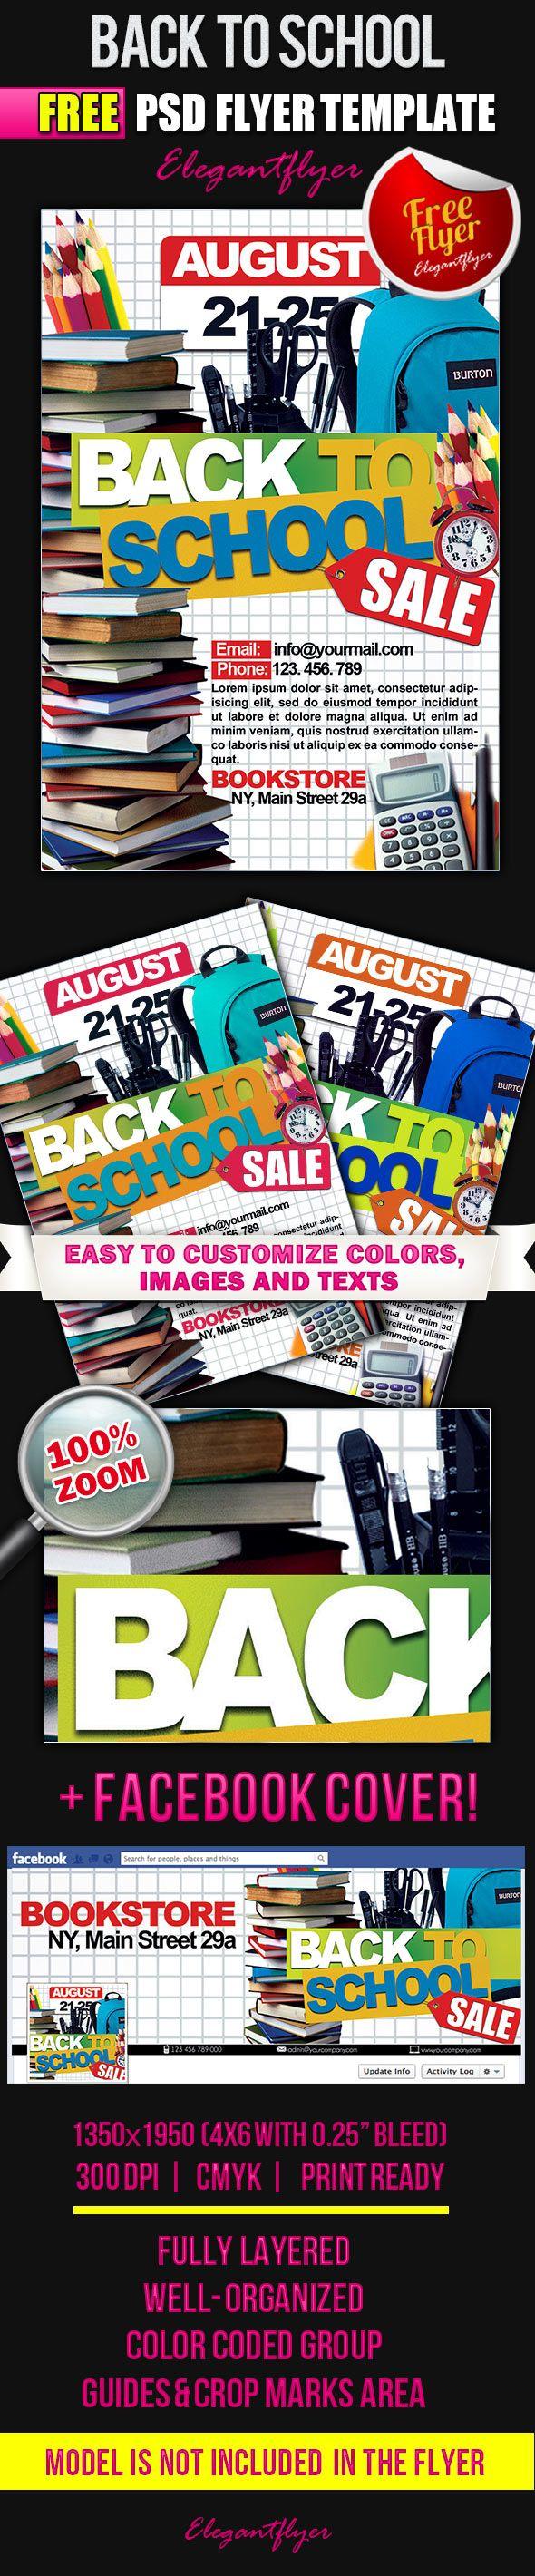 best 215 free psd flyer design 2015 images on pinterest design